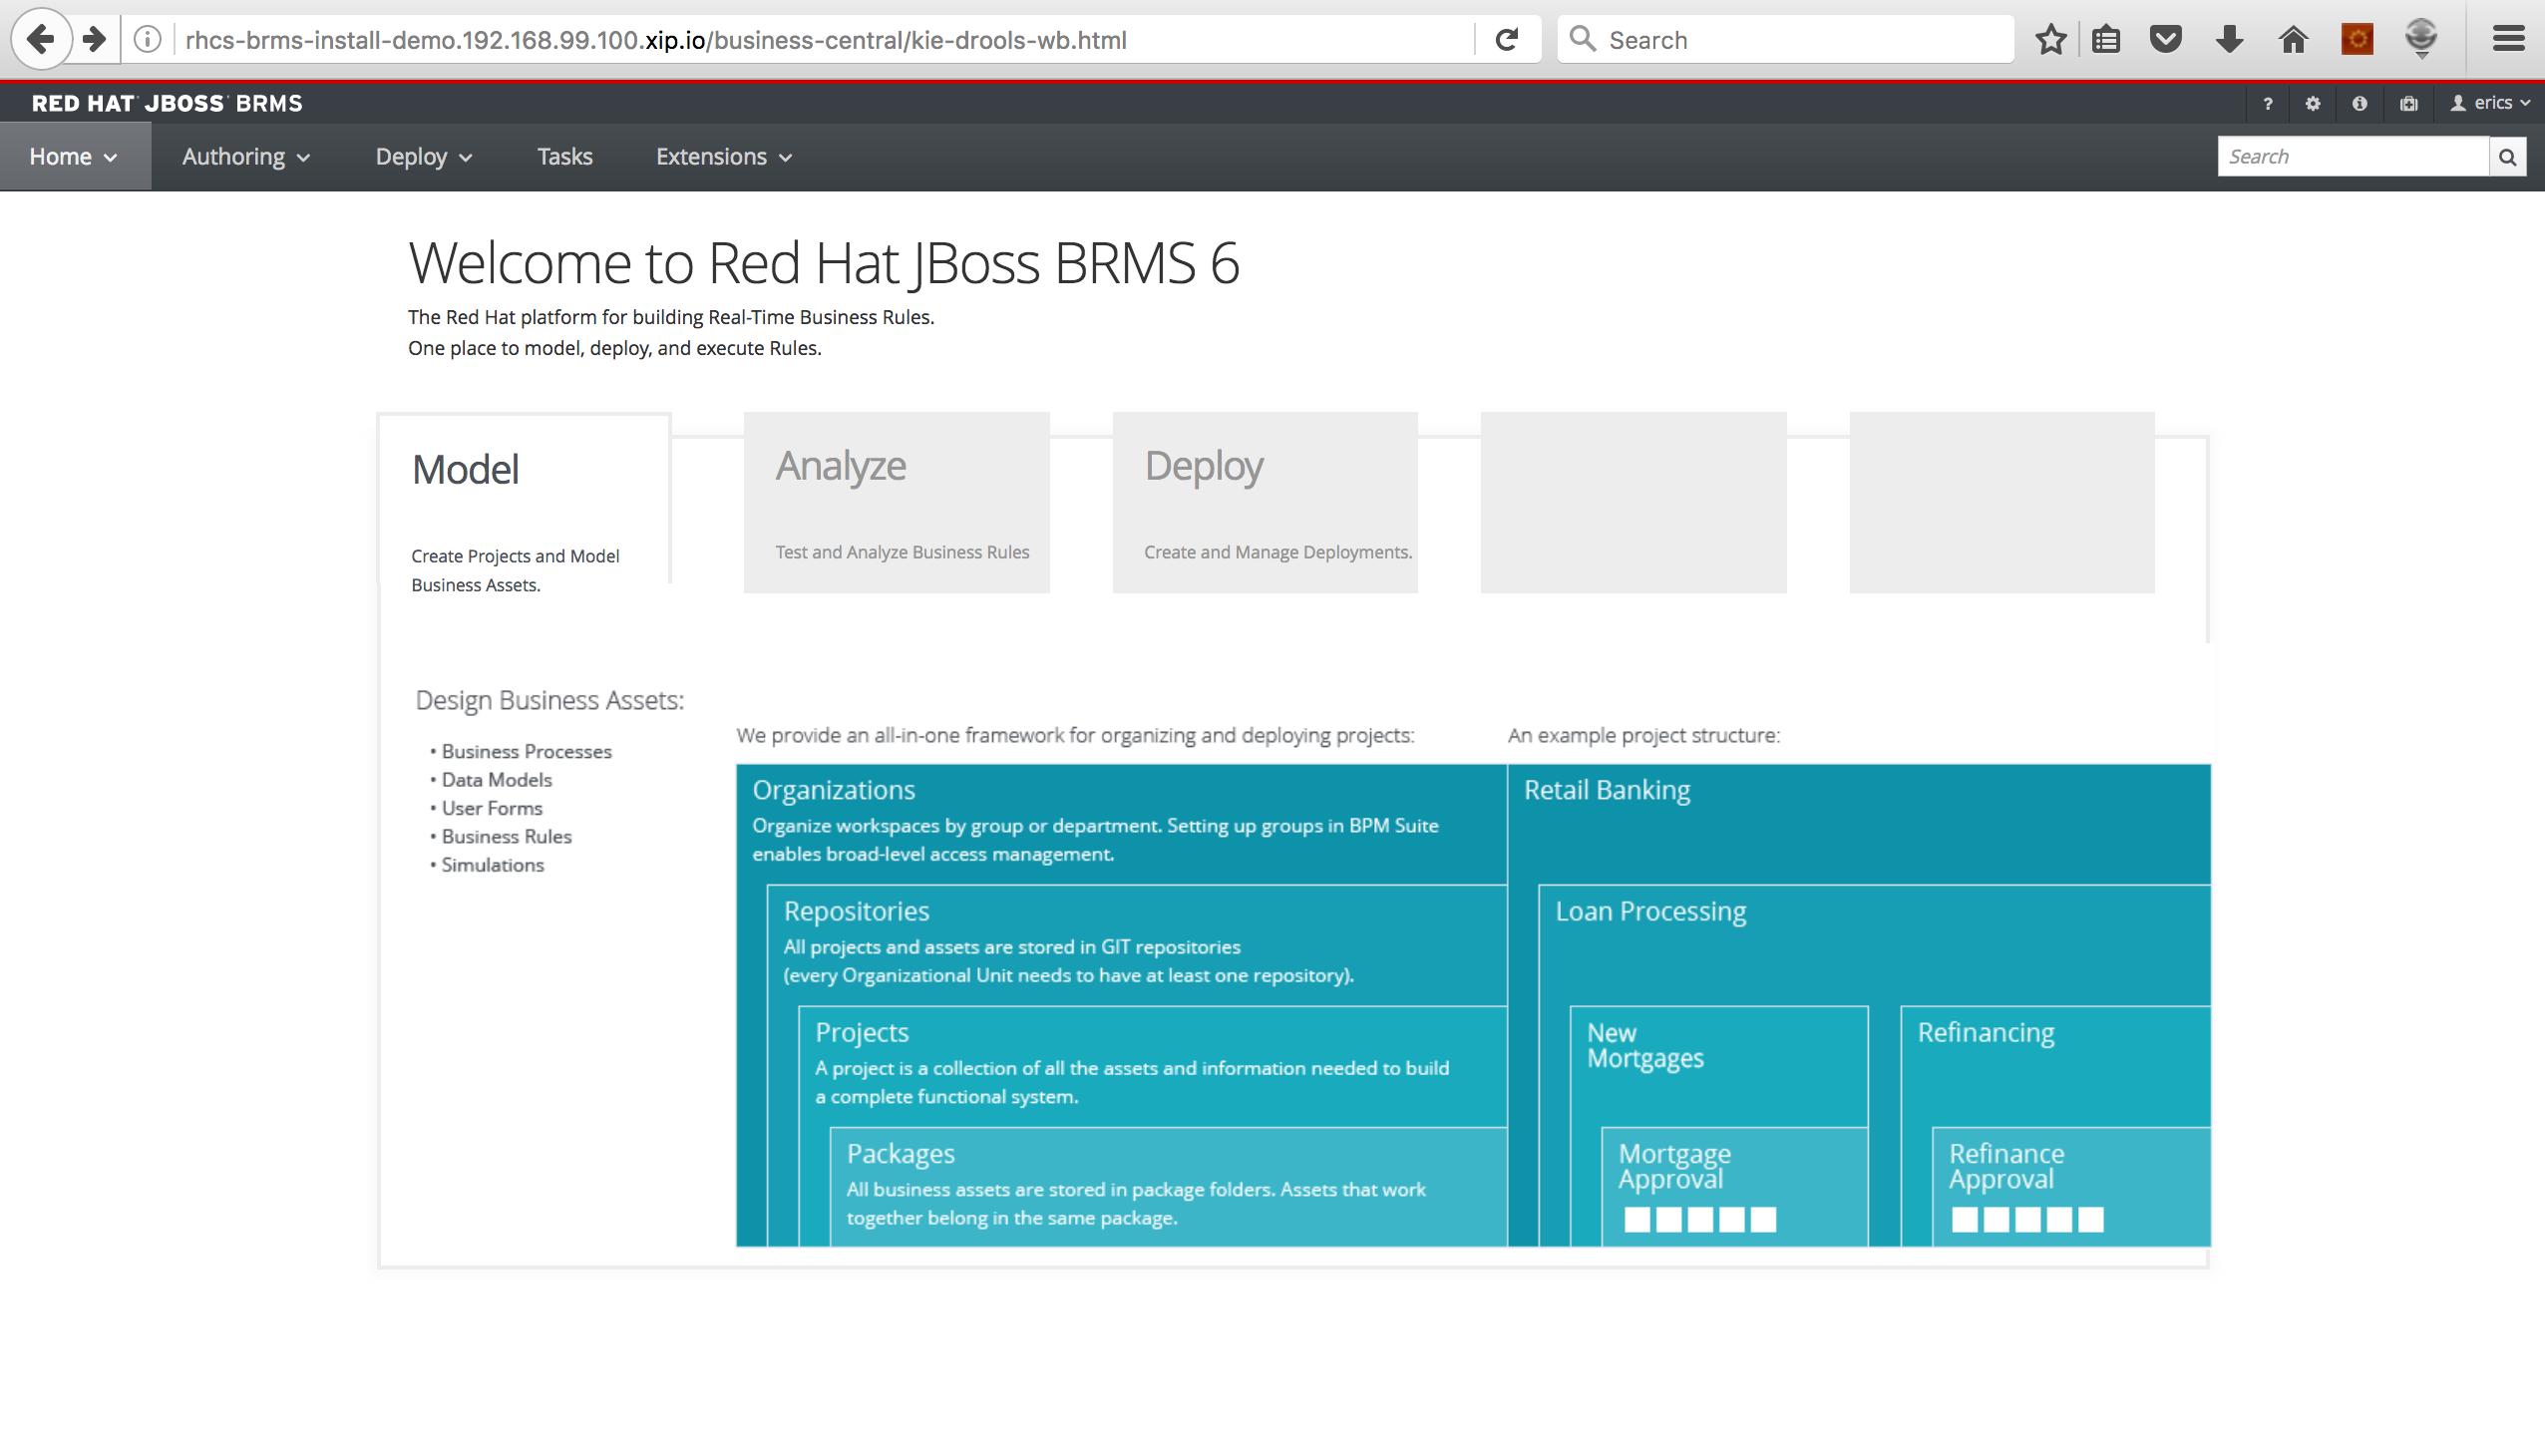 JBoss BRMS